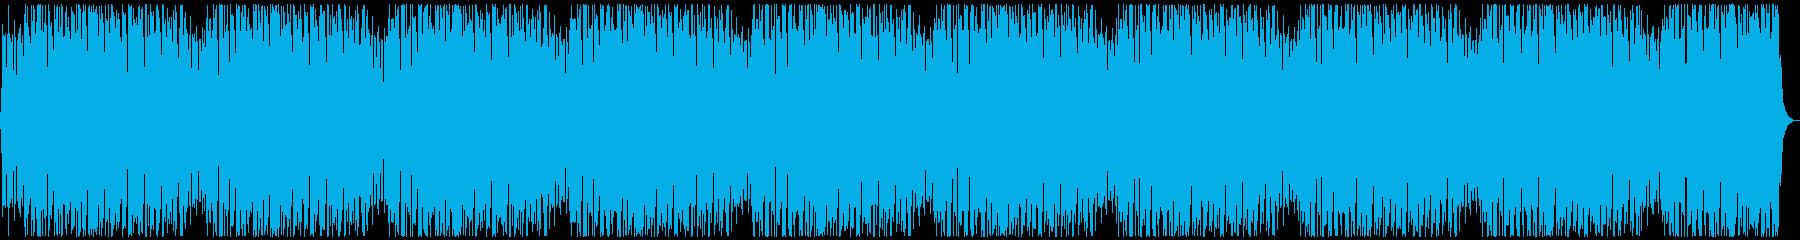 先進的トレンドFuturePop、10分の再生済みの波形